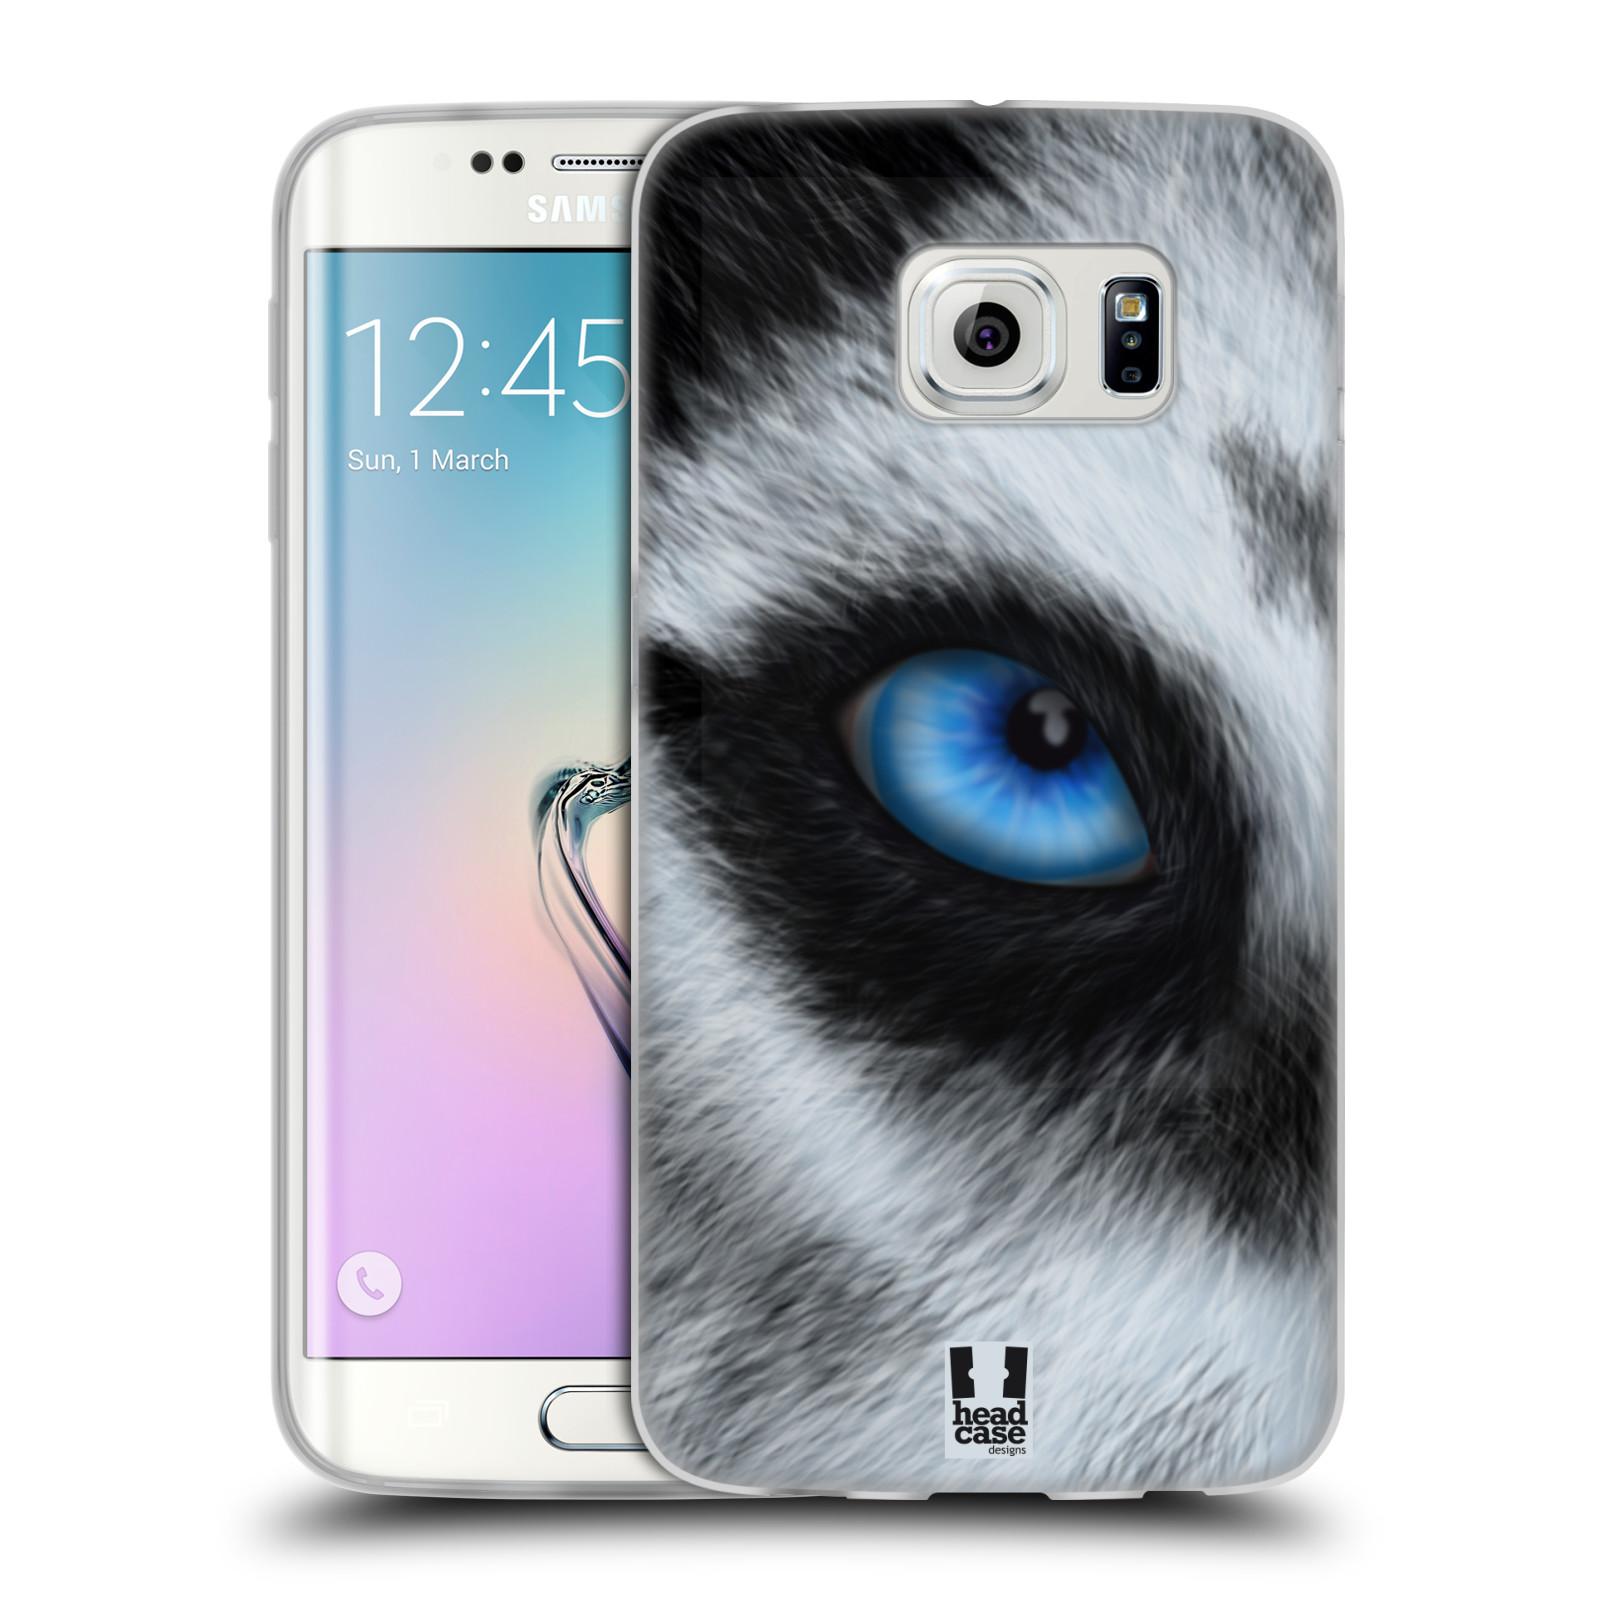 HEAD CASE silikonový obal na mobil Samsung Galaxy S6 EDGE vzor pohled zvířete oko pes husky